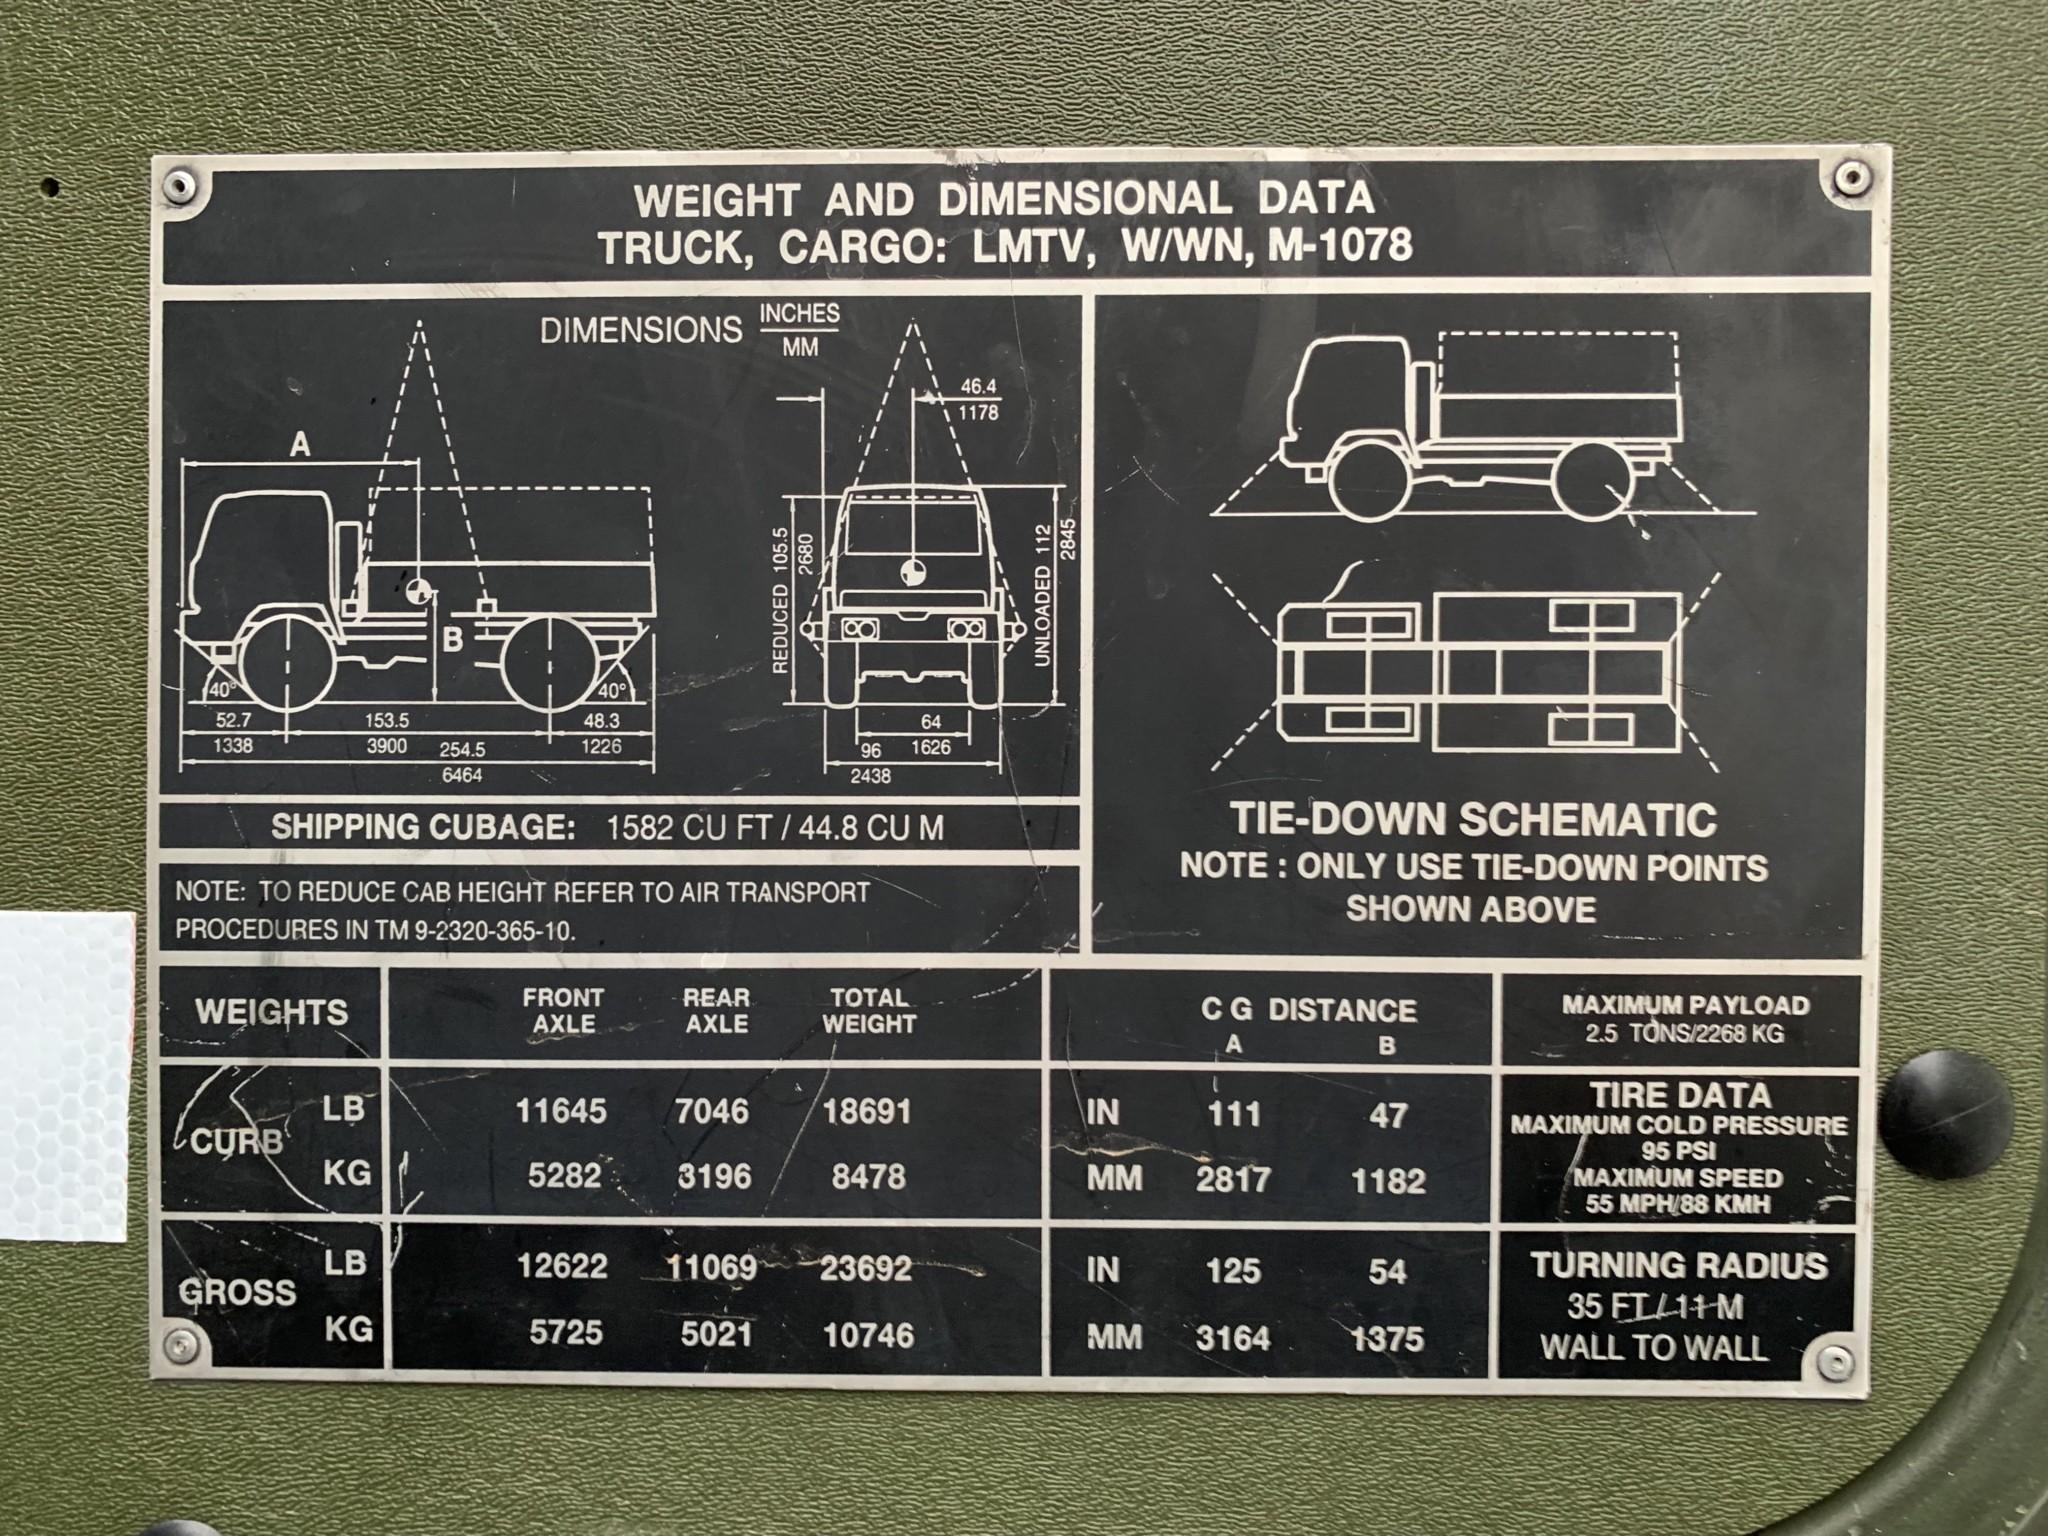 1998 Stewart & Stevenson LMTV M1078 build plate